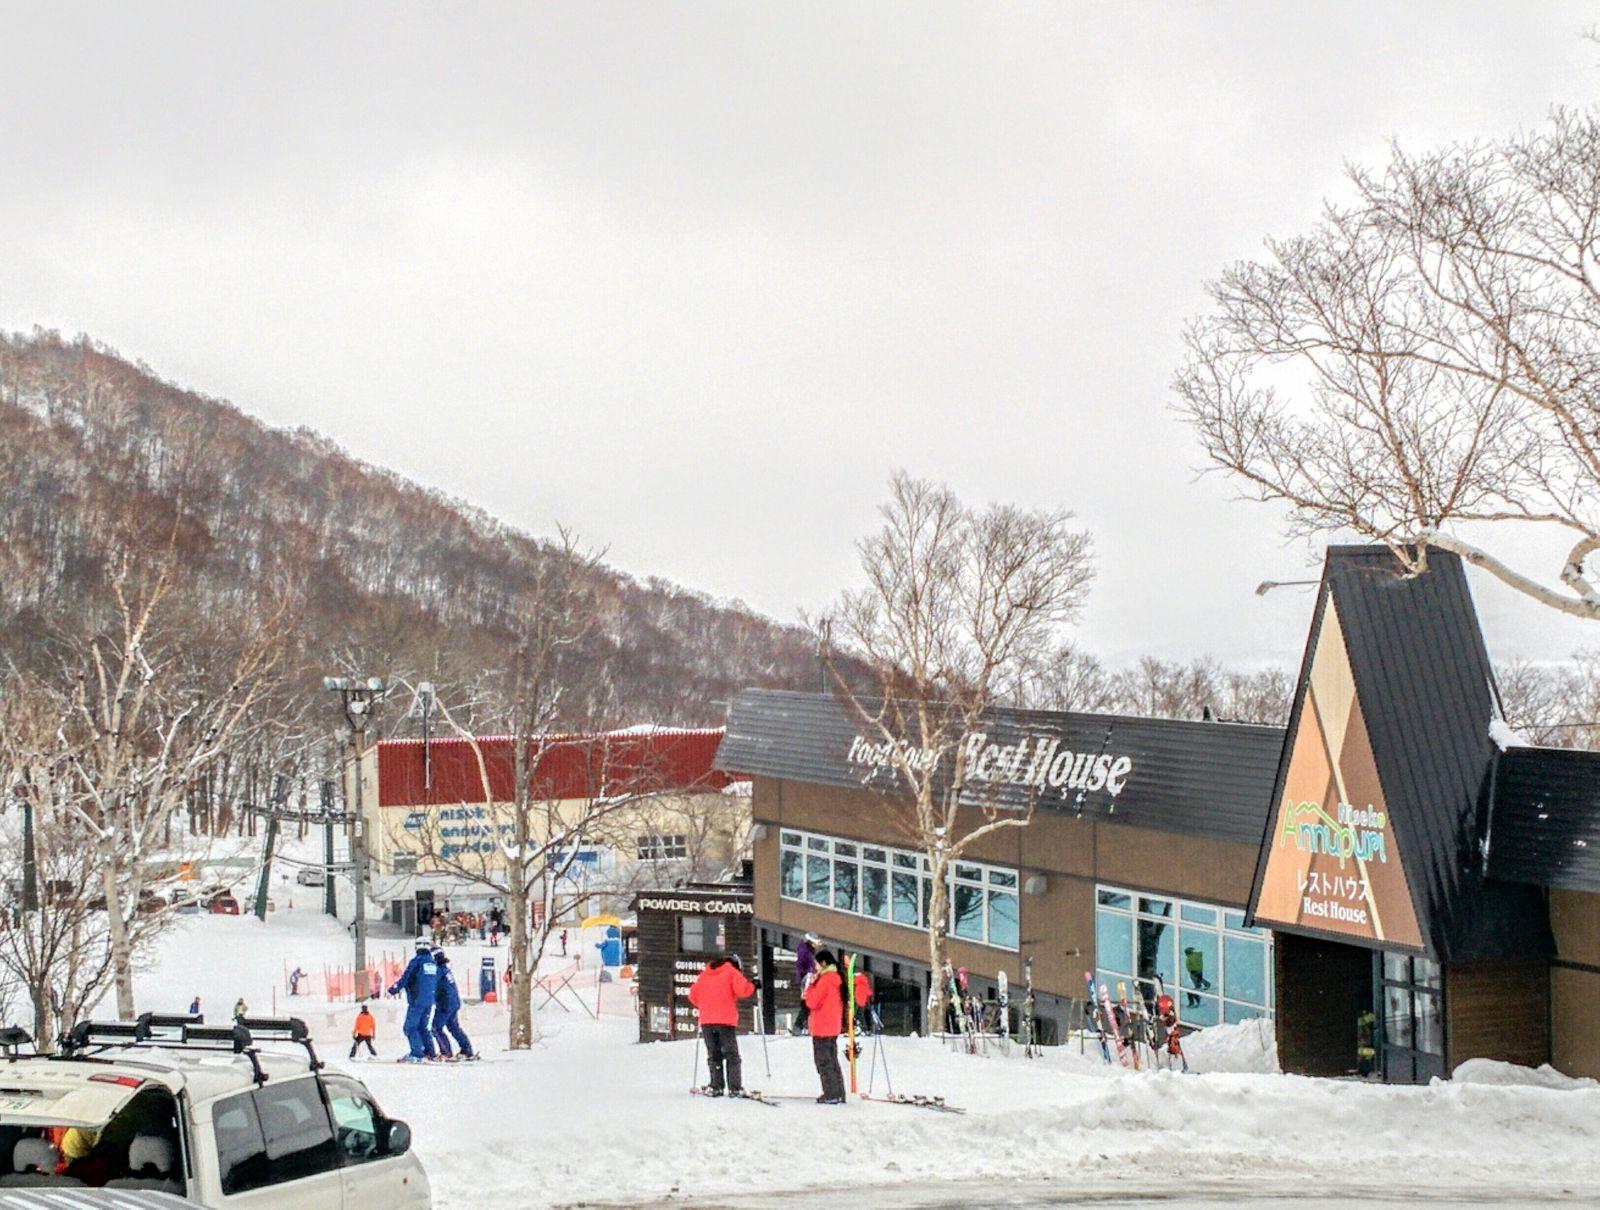 【ニセコ】ニセコアンヌプリ国際スキー場送迎観光タクシー